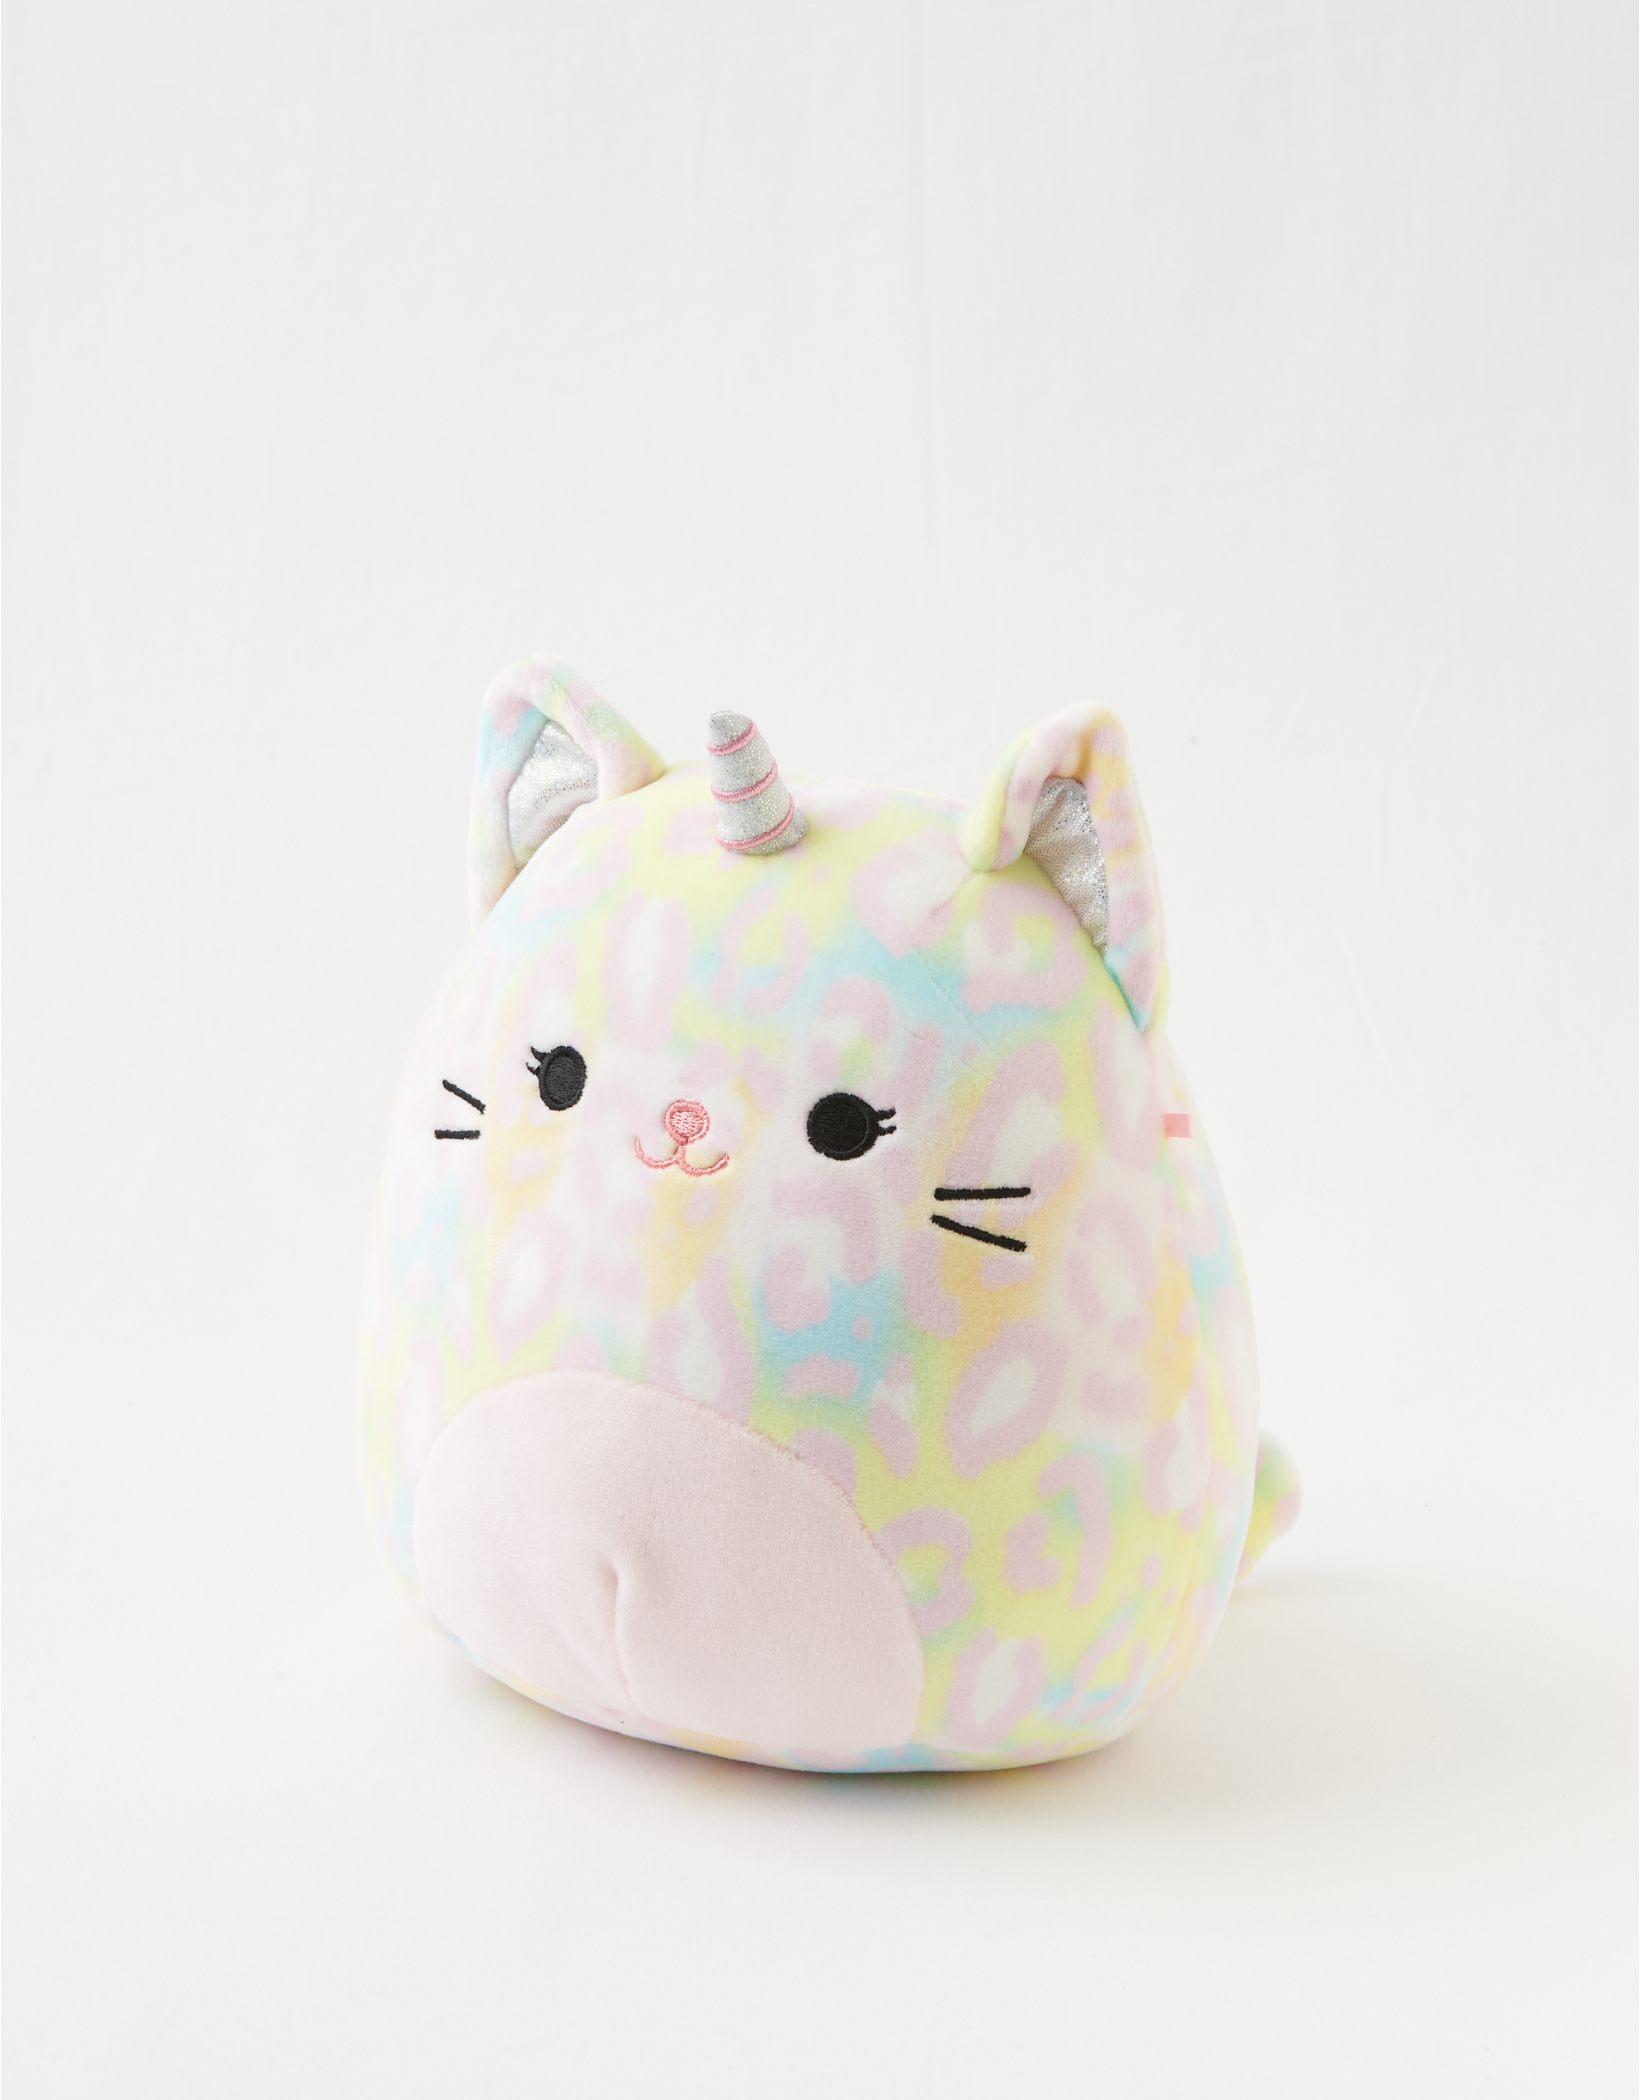 Squishmallow 8 in Plush Toy - Soraya